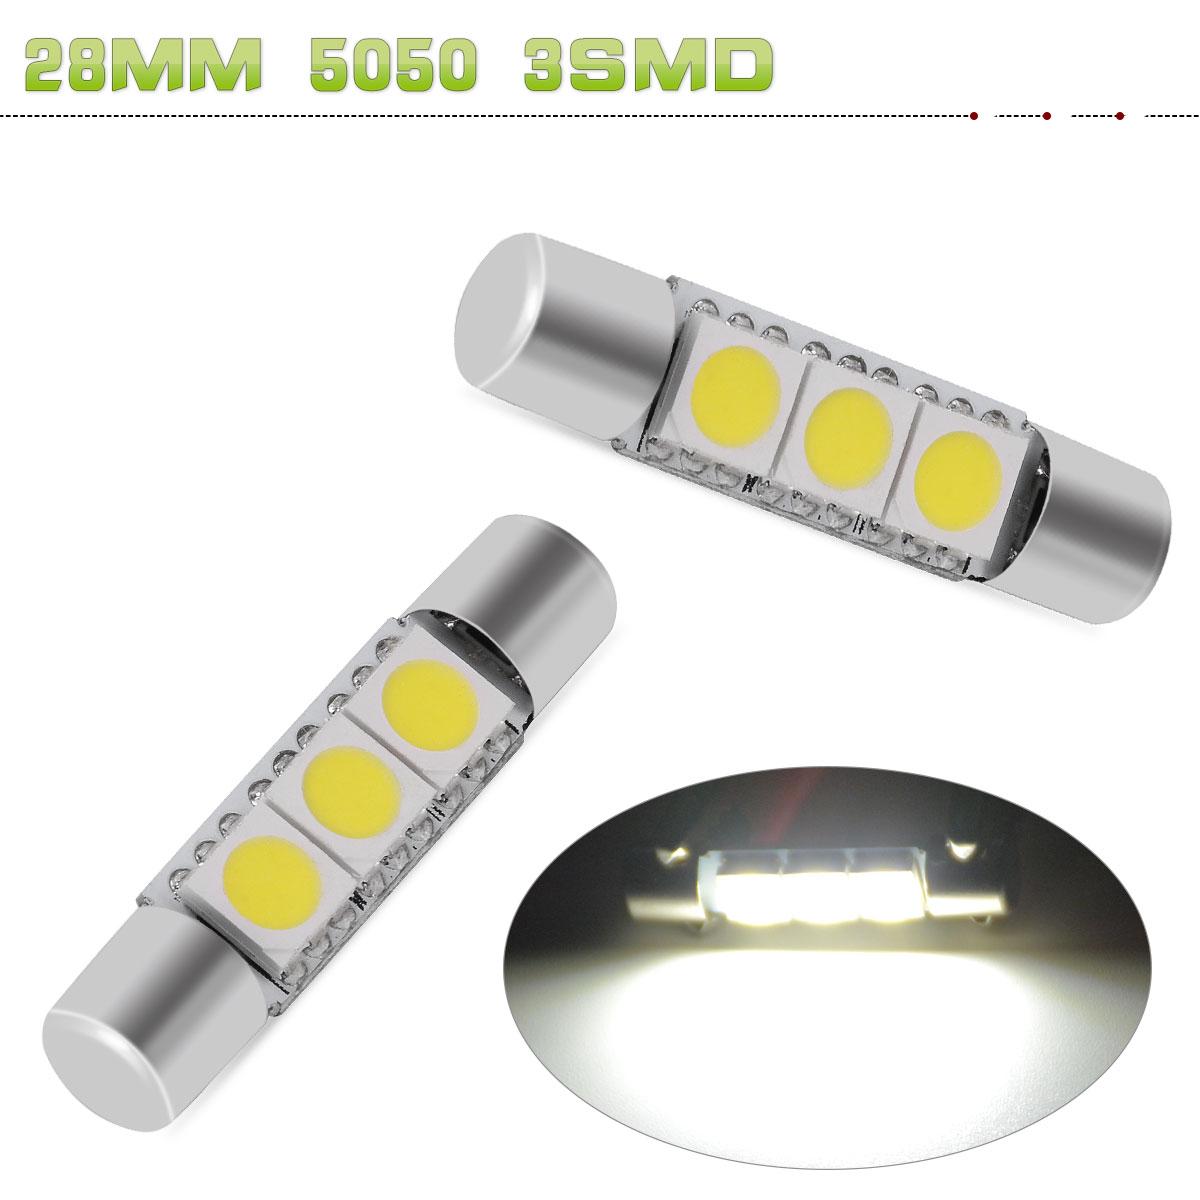 2x 10x White 5050 3SMD 28-31mm LED Bulb For Car Visor Vanity Mirror Dome Light